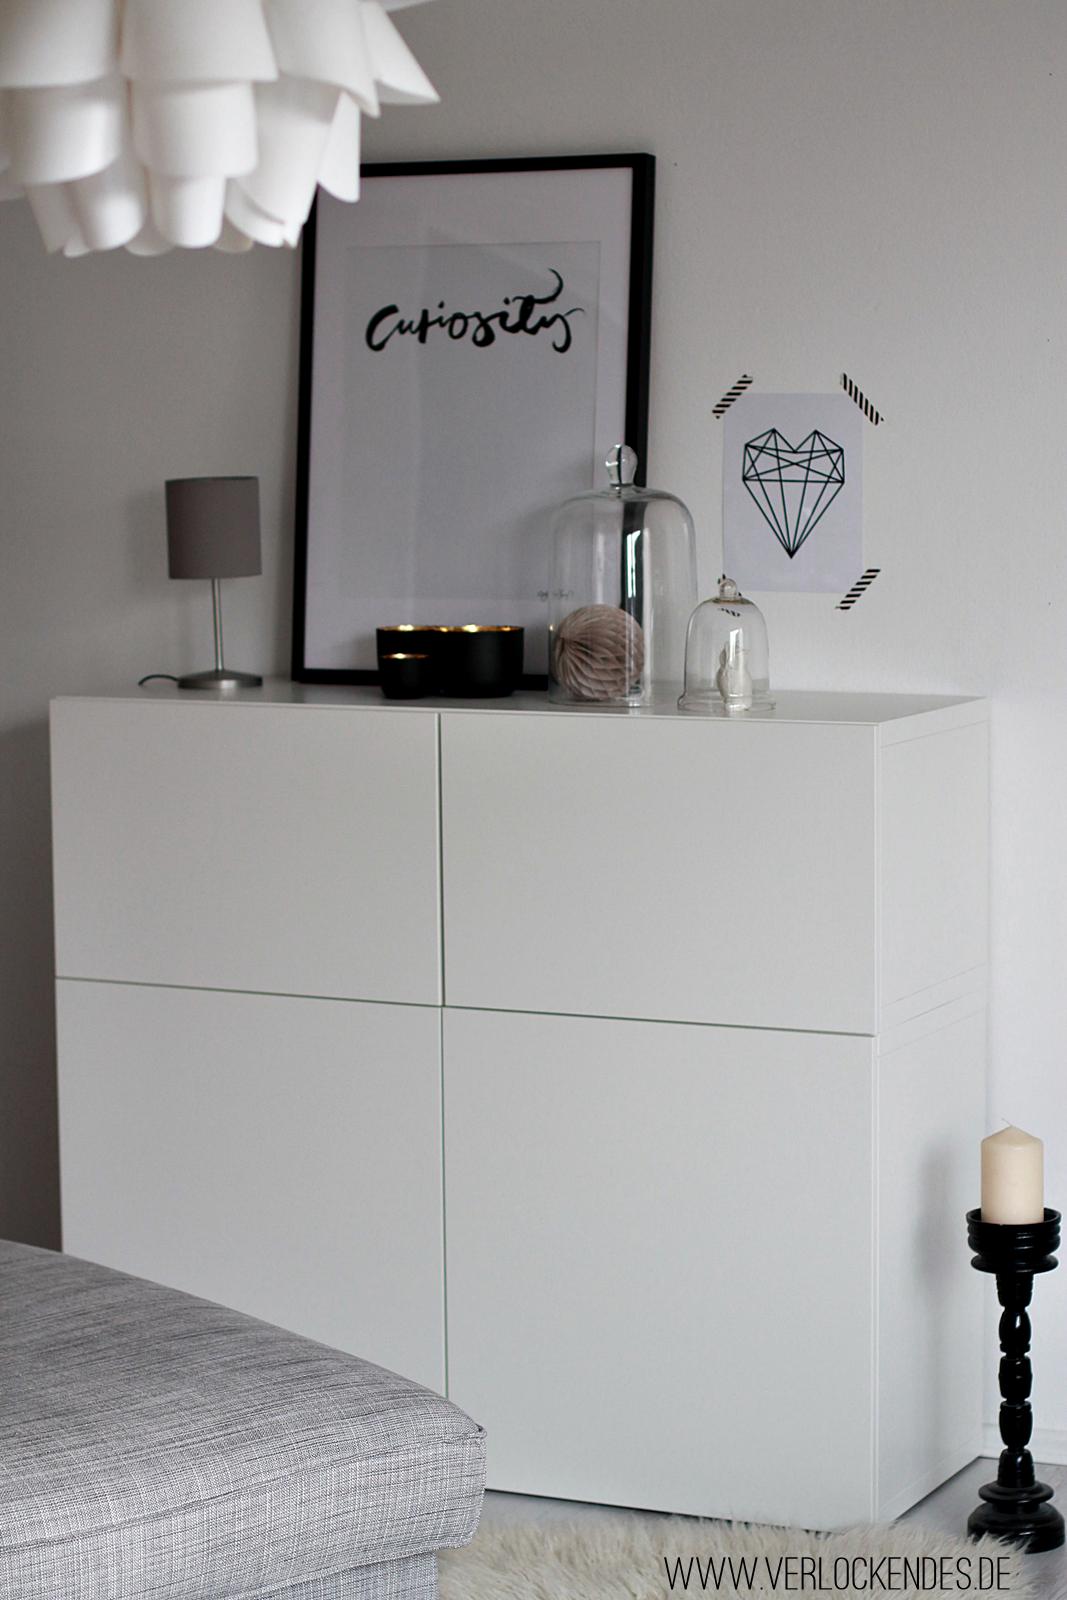 Verlockendes...: Unser neues Wohnzimmer! | Besta | Pinterest ...